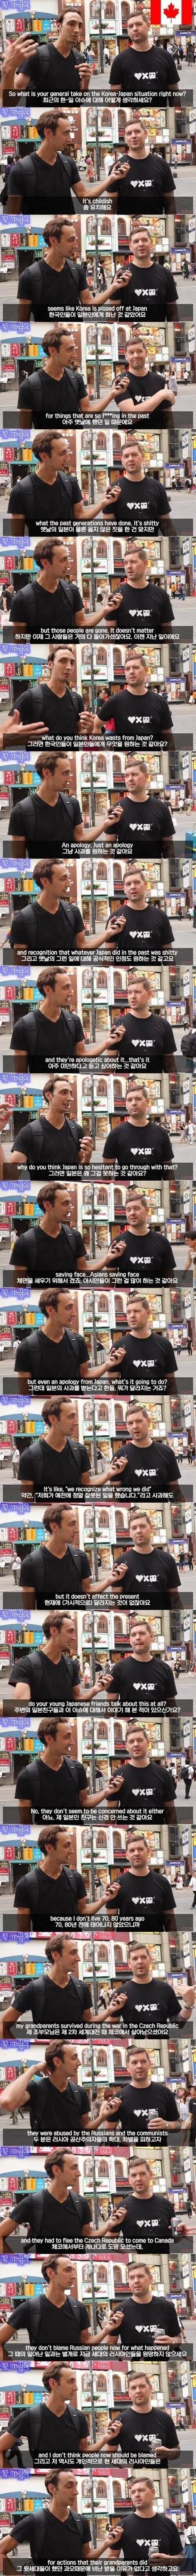 일본에 사는 외국인이 보는 한일갈등.jpg | 인스티즈